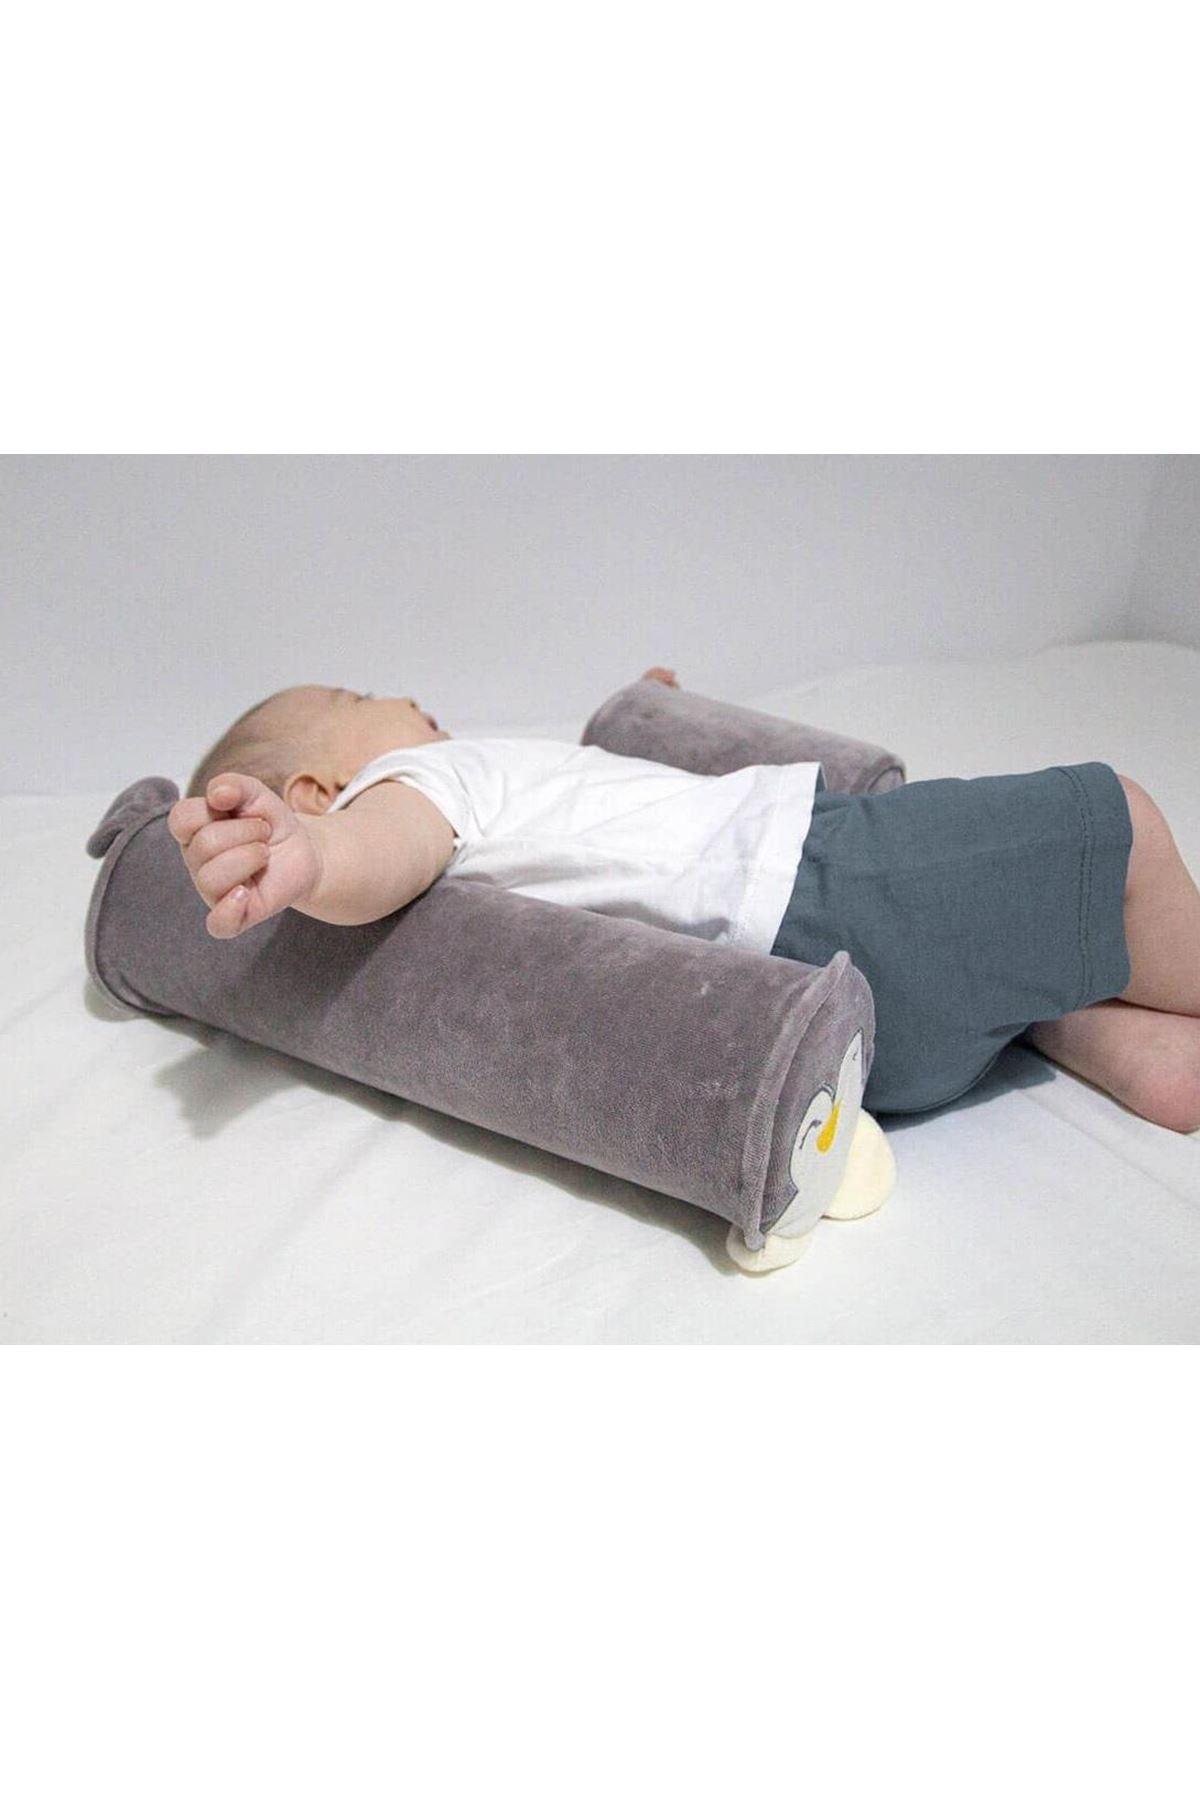 BabyJem Güvenli Uyku Yastığı 679 Yeşil Köpek